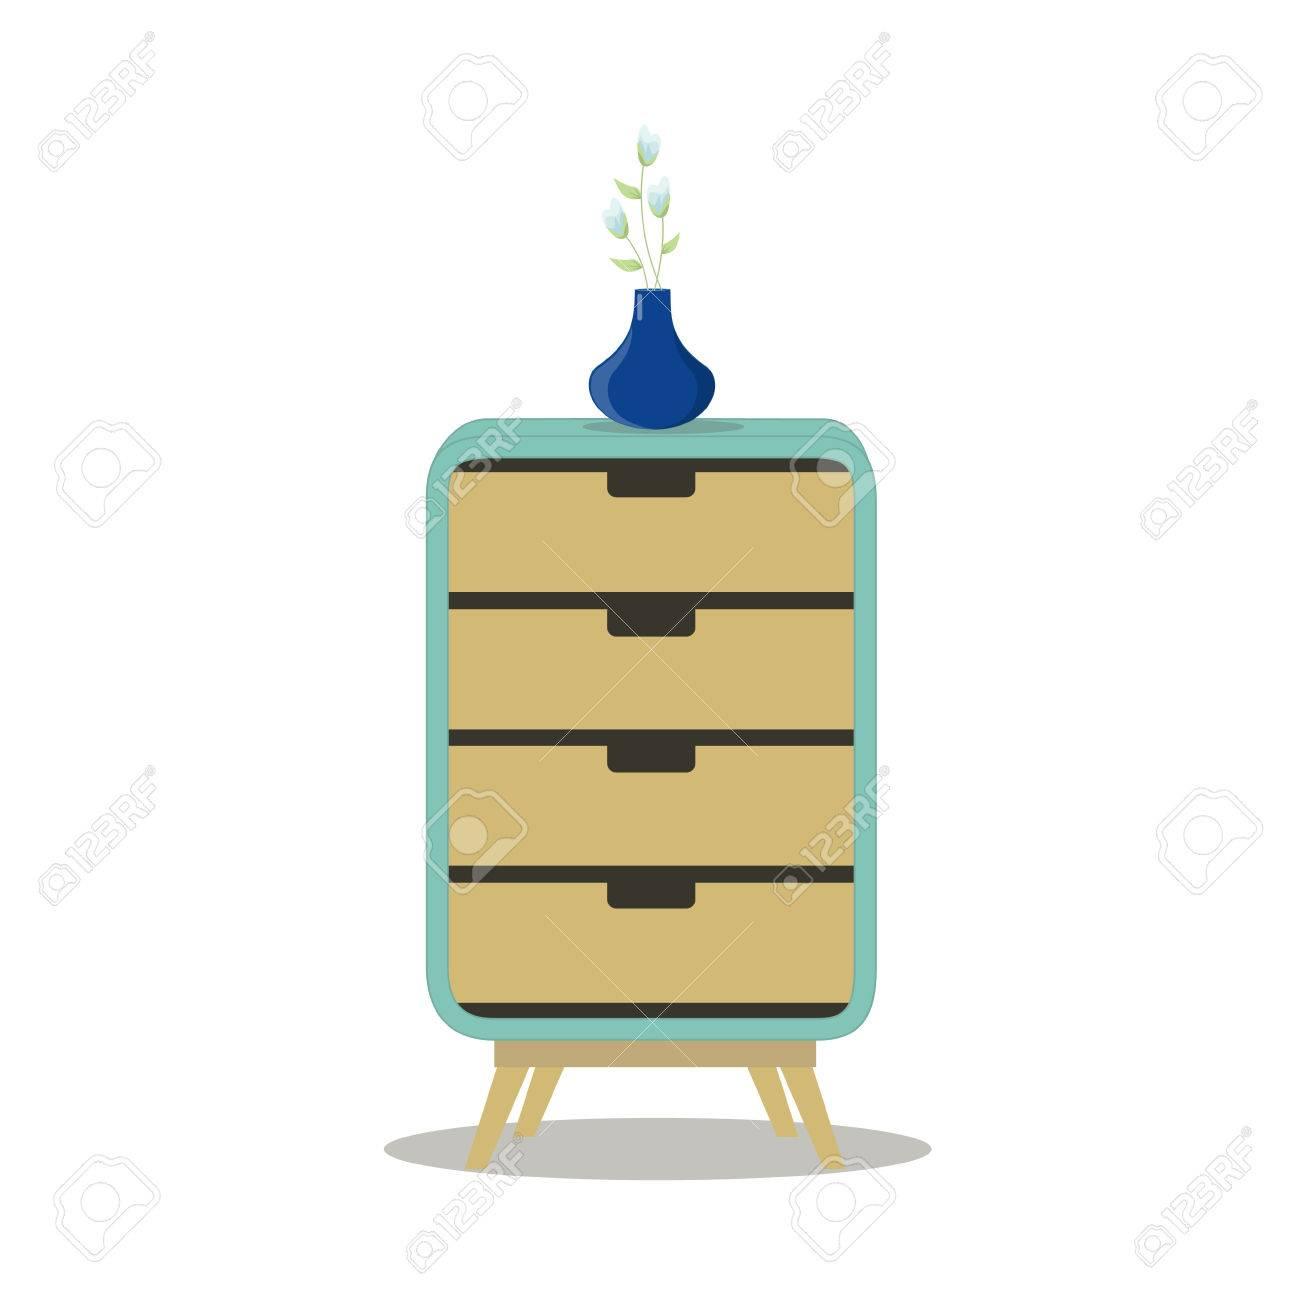 Gabinete Moderno Del Organizador Del Cajón. Muebles Caseros. Ejemplo ...